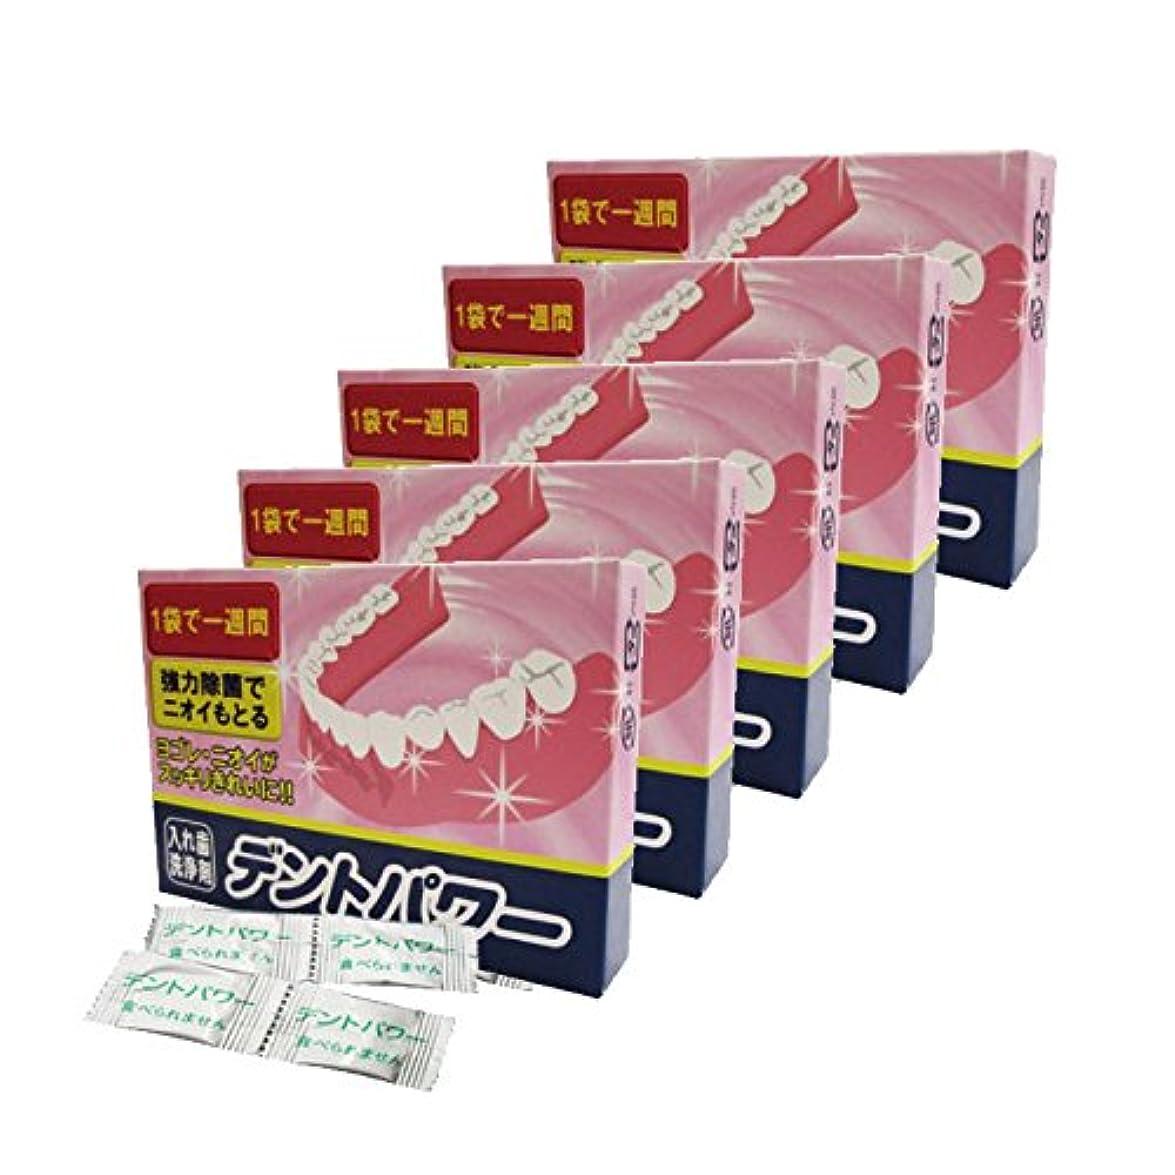 星送金高架デントパワー 入れ歯洗浄剤 5ヵ月用x5個セット